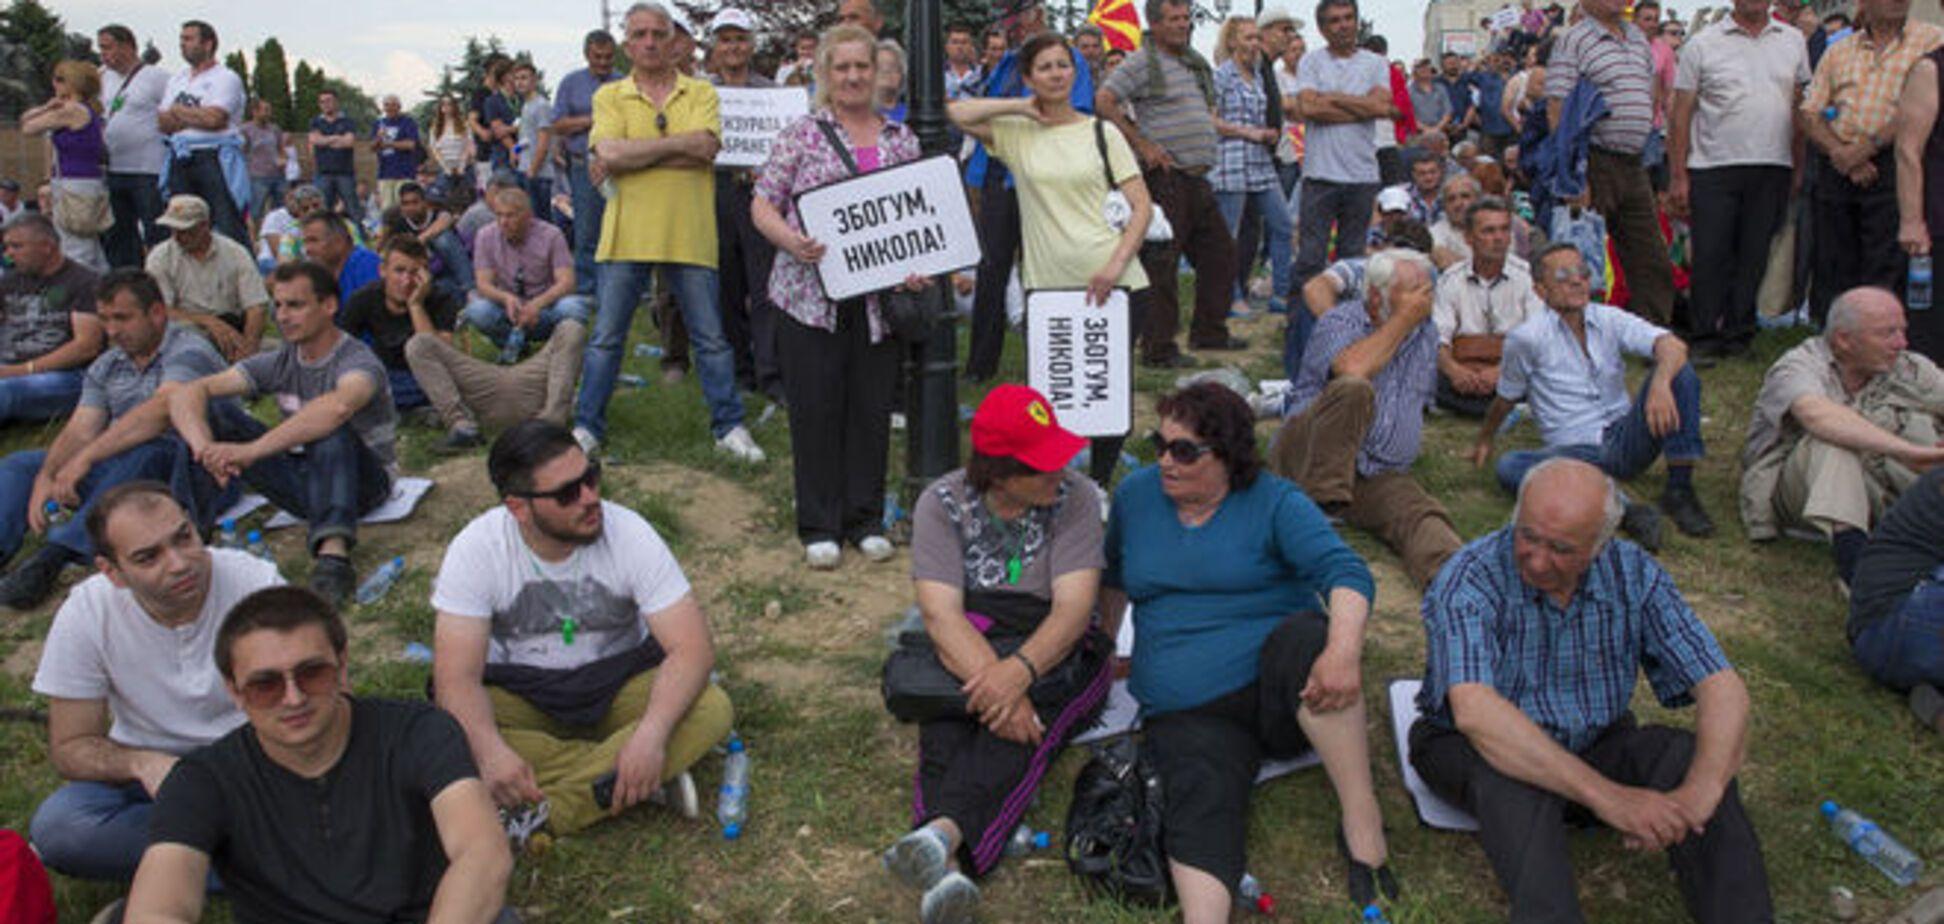 Майдан в Македонии: десятки тысяч человек требуют отставки правительства